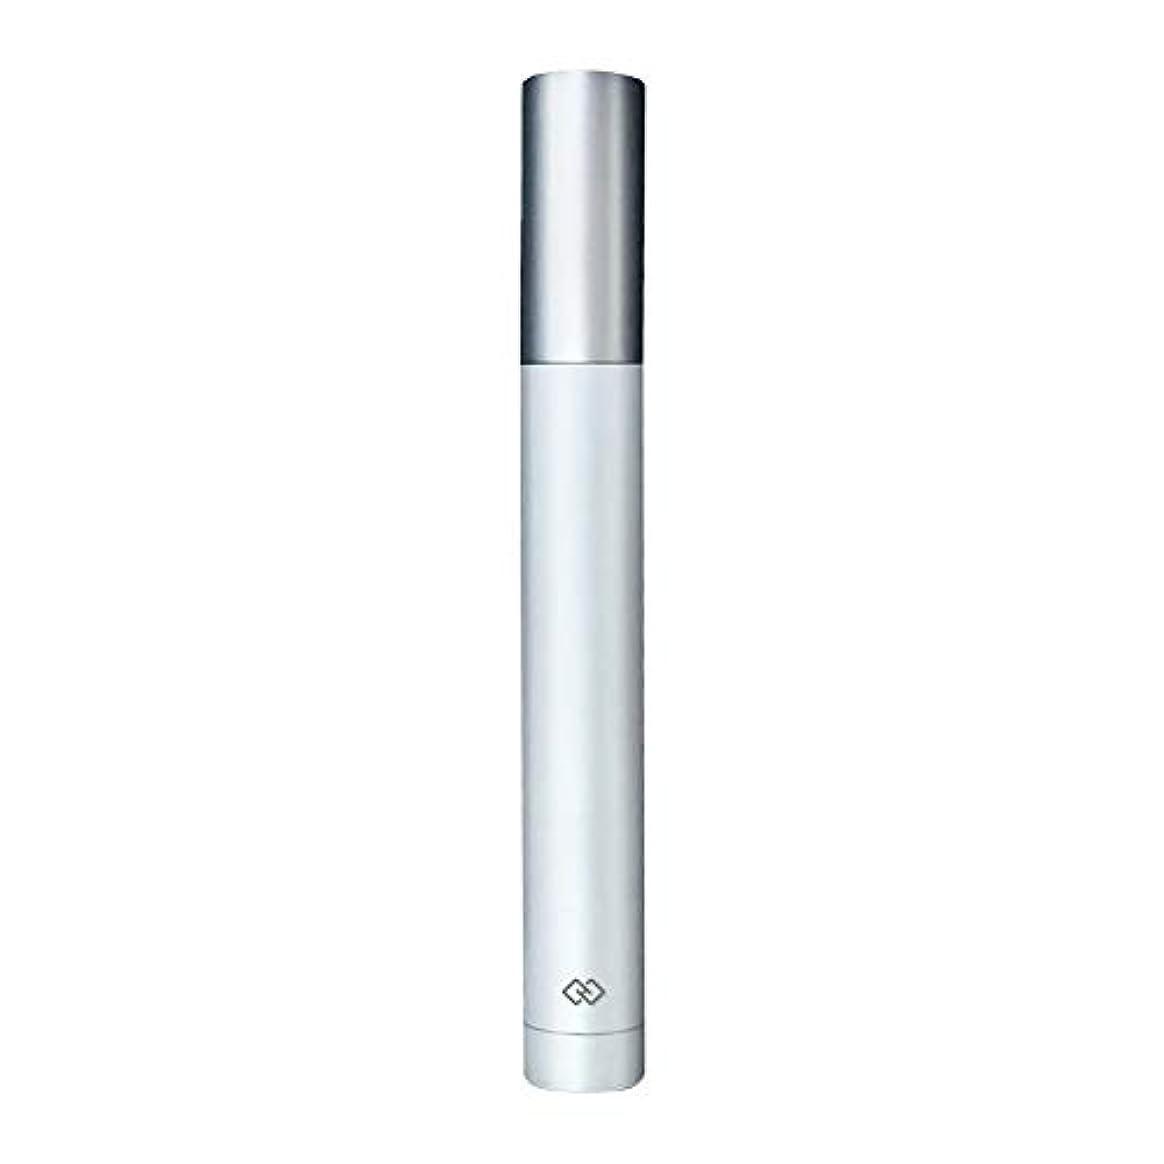 鼻毛トリマー-密閉防水効果/シングルカッターヘッドシャープで耐久性のある/男性用剃毛鼻毛はさみ/ポータブルデザイン、旅行に便利/ 12.9 * 1.65cm 使いやすい (Color : White)